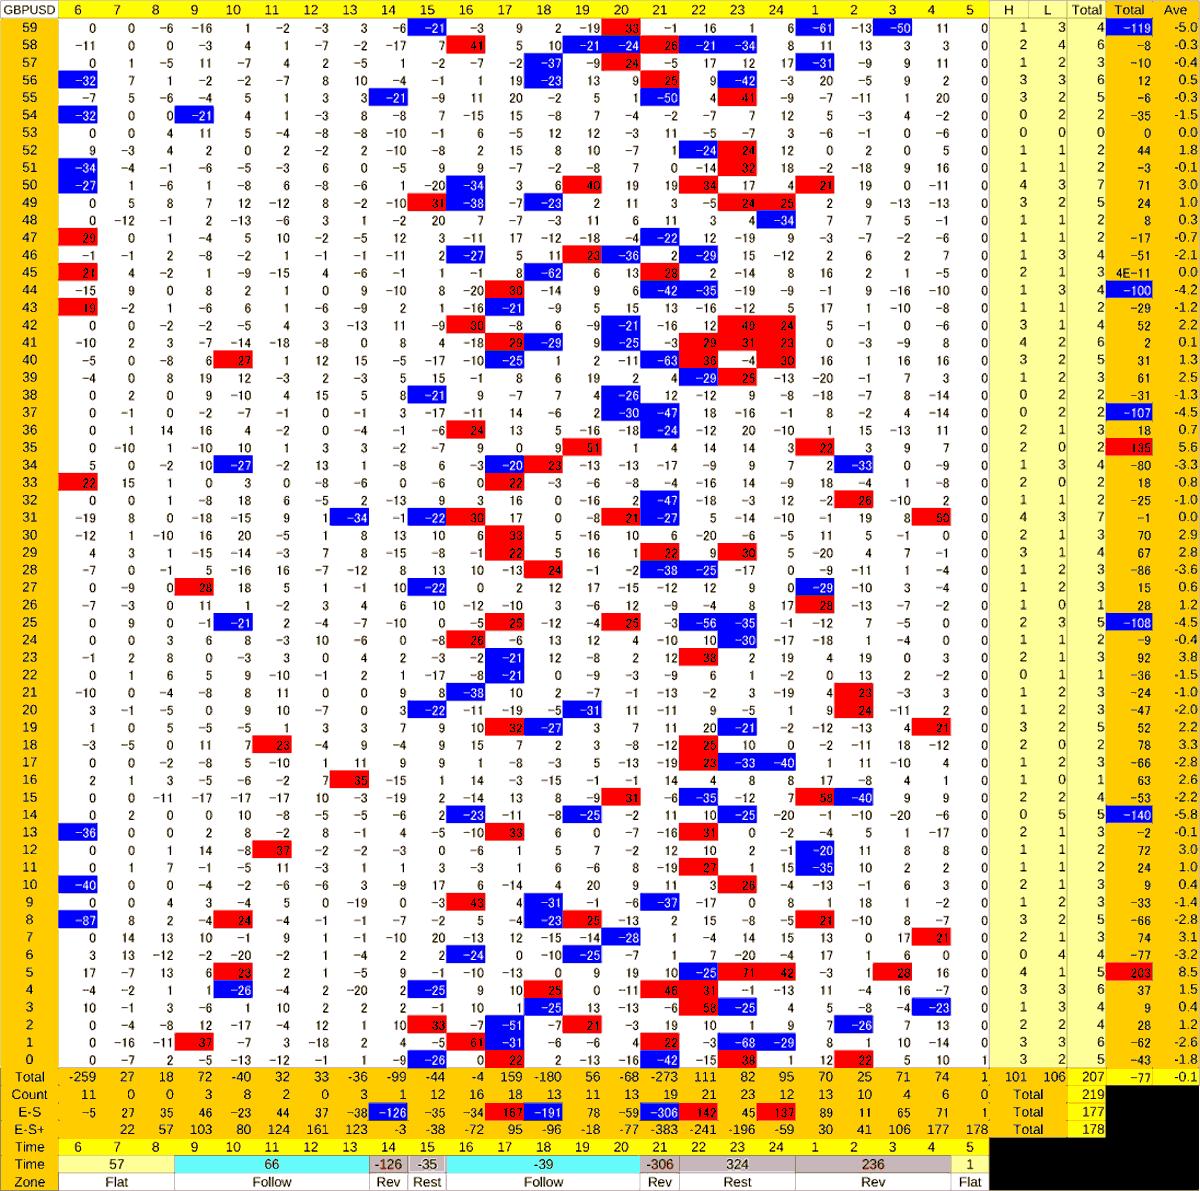 20200717_HS(2)GBPUSD